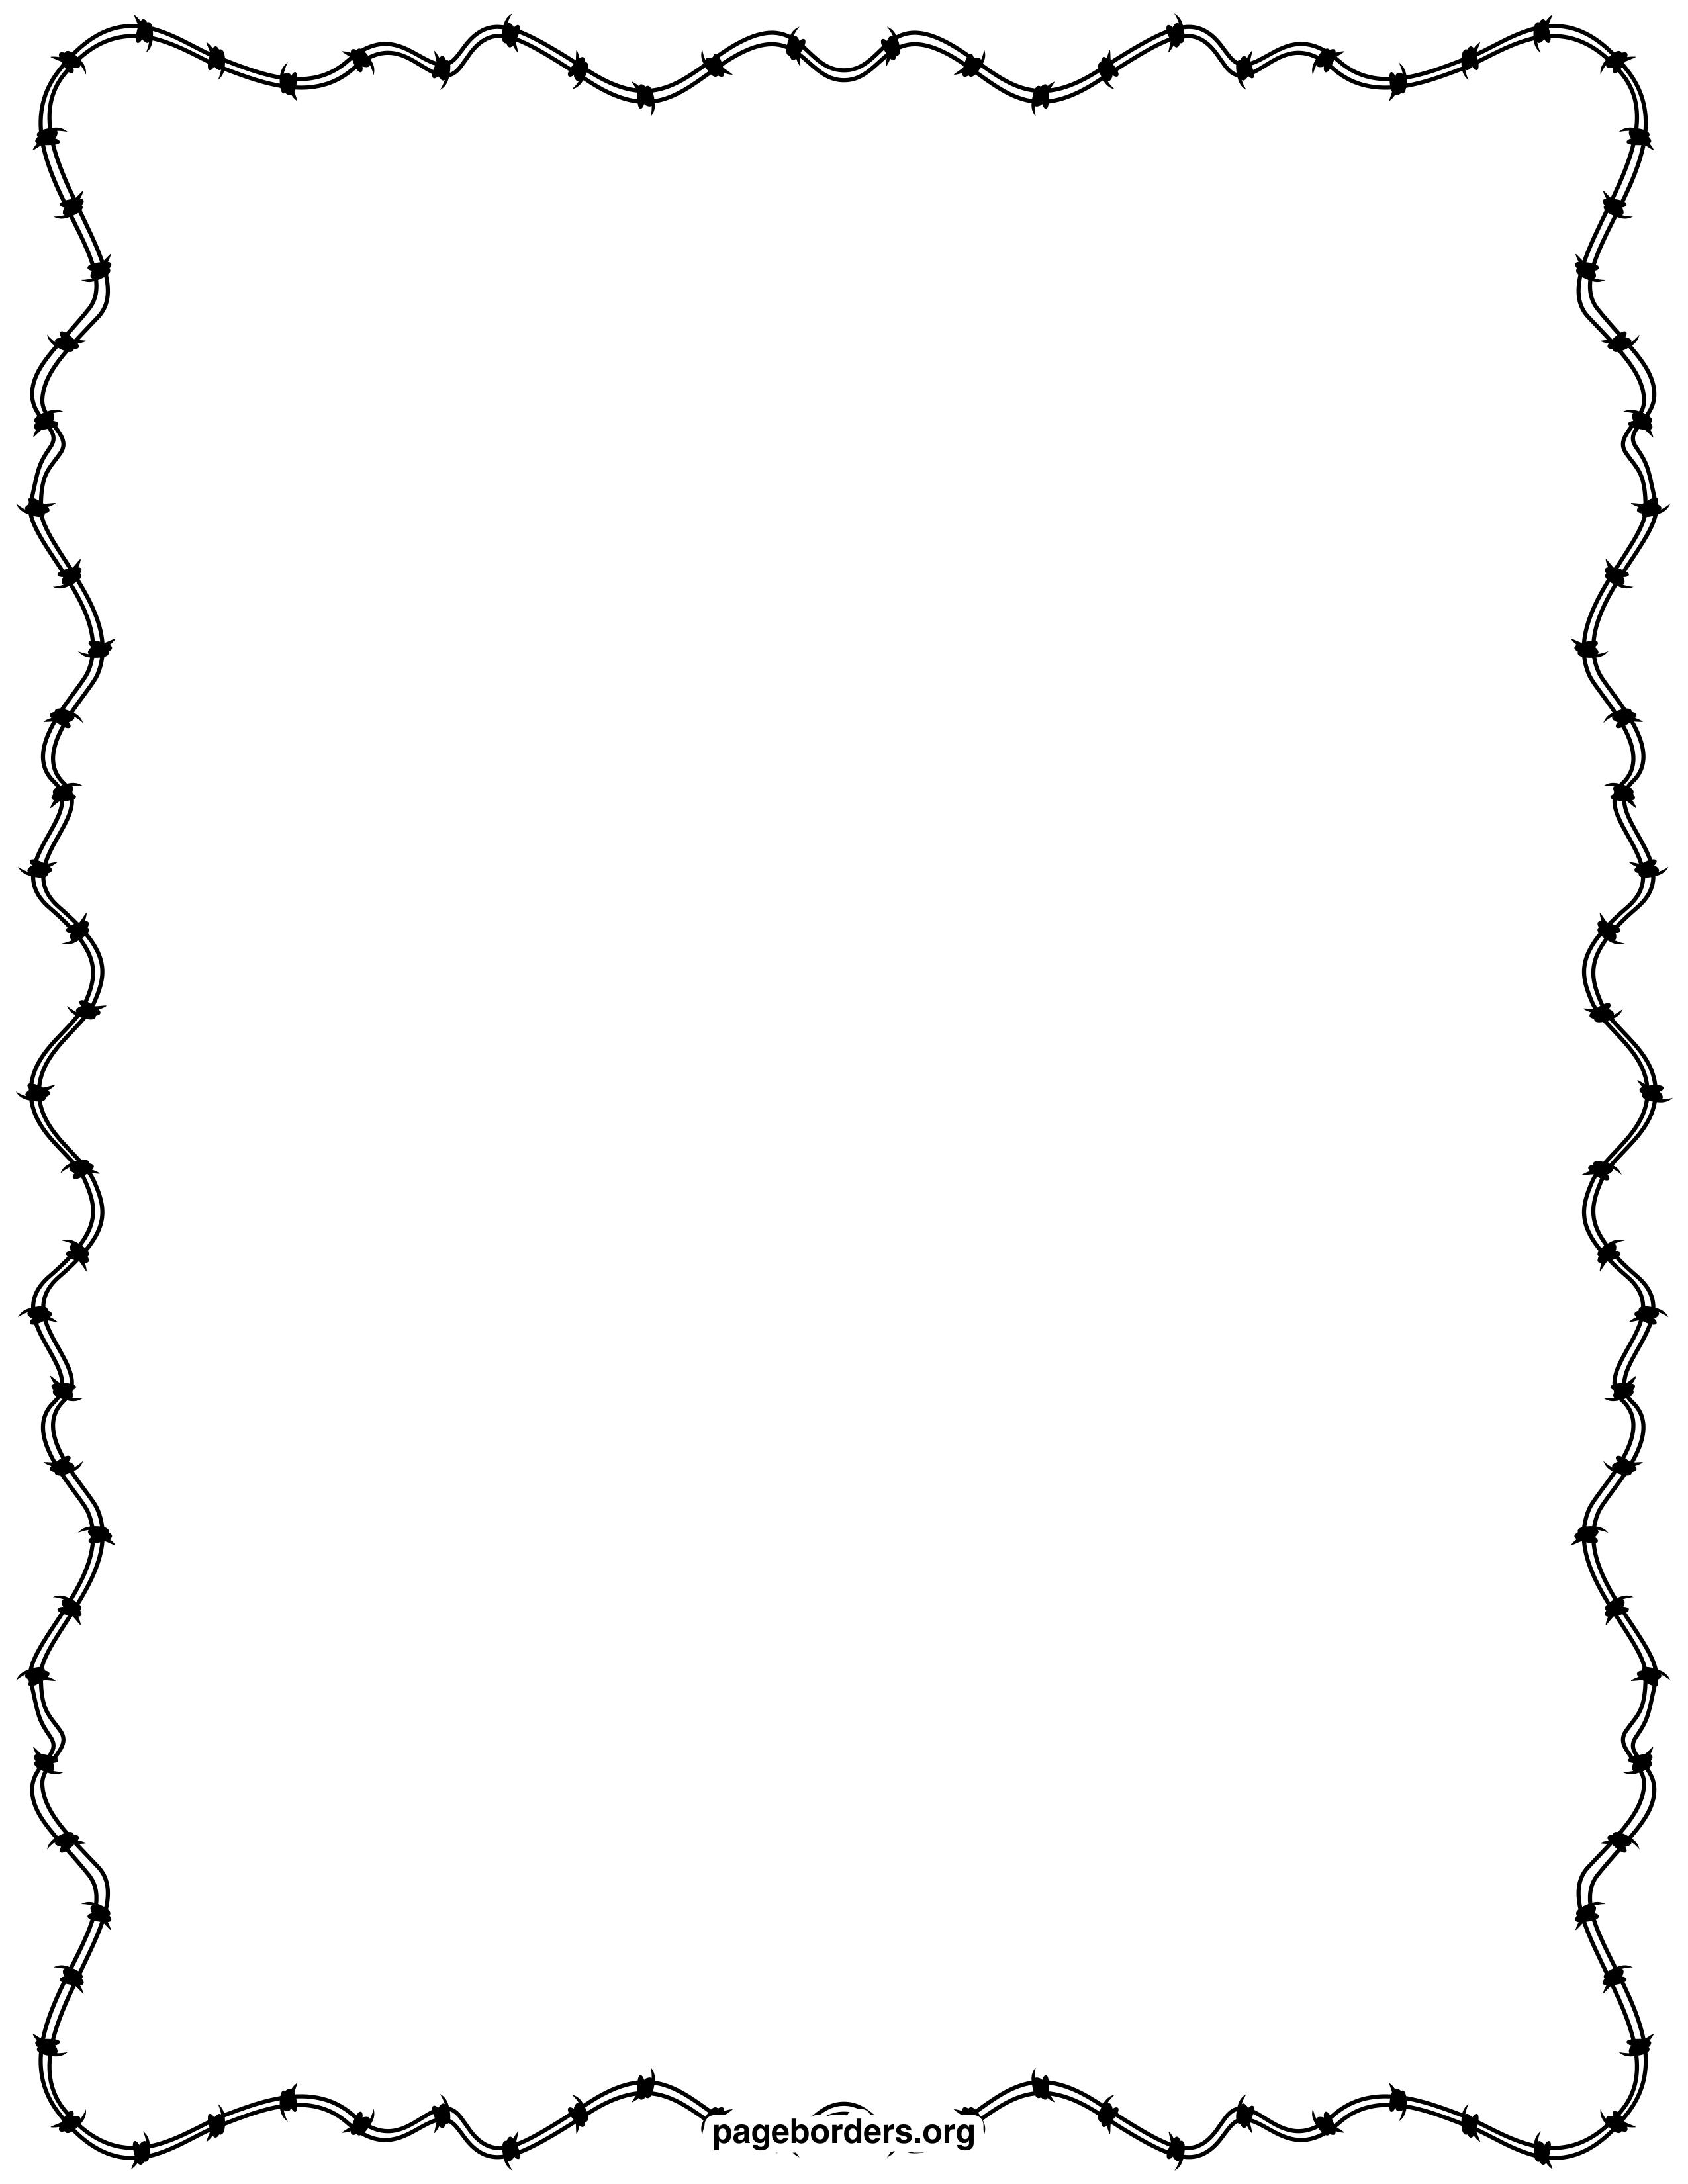 Barbed Wire Border Clip Art